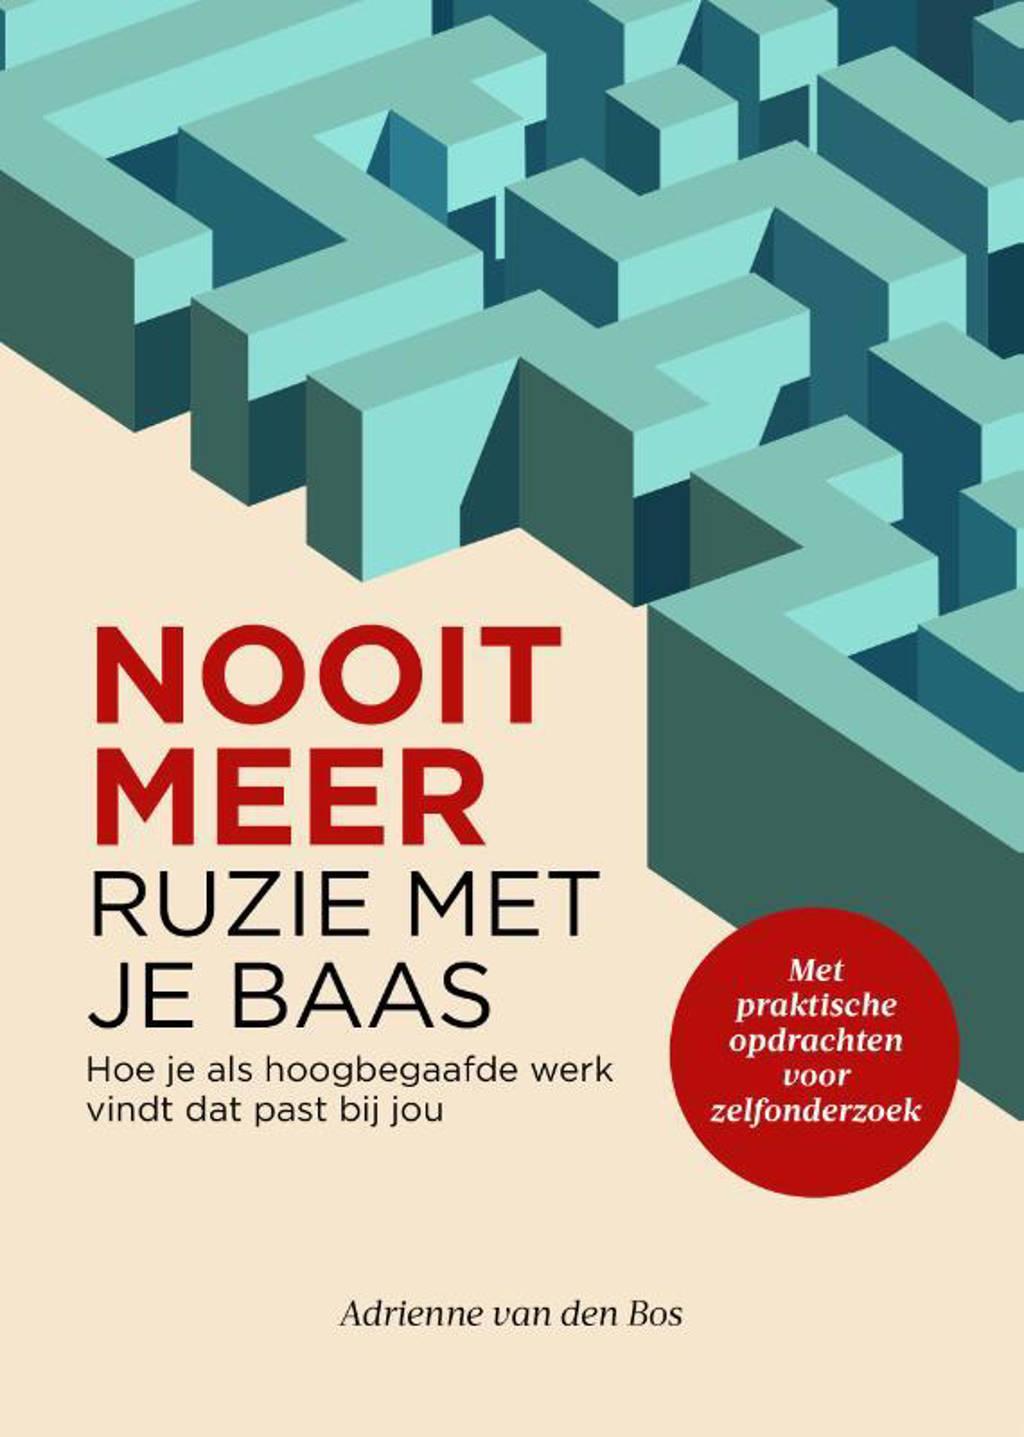 Nooit meer ruzie met je baas - Adrienne Van den Bos